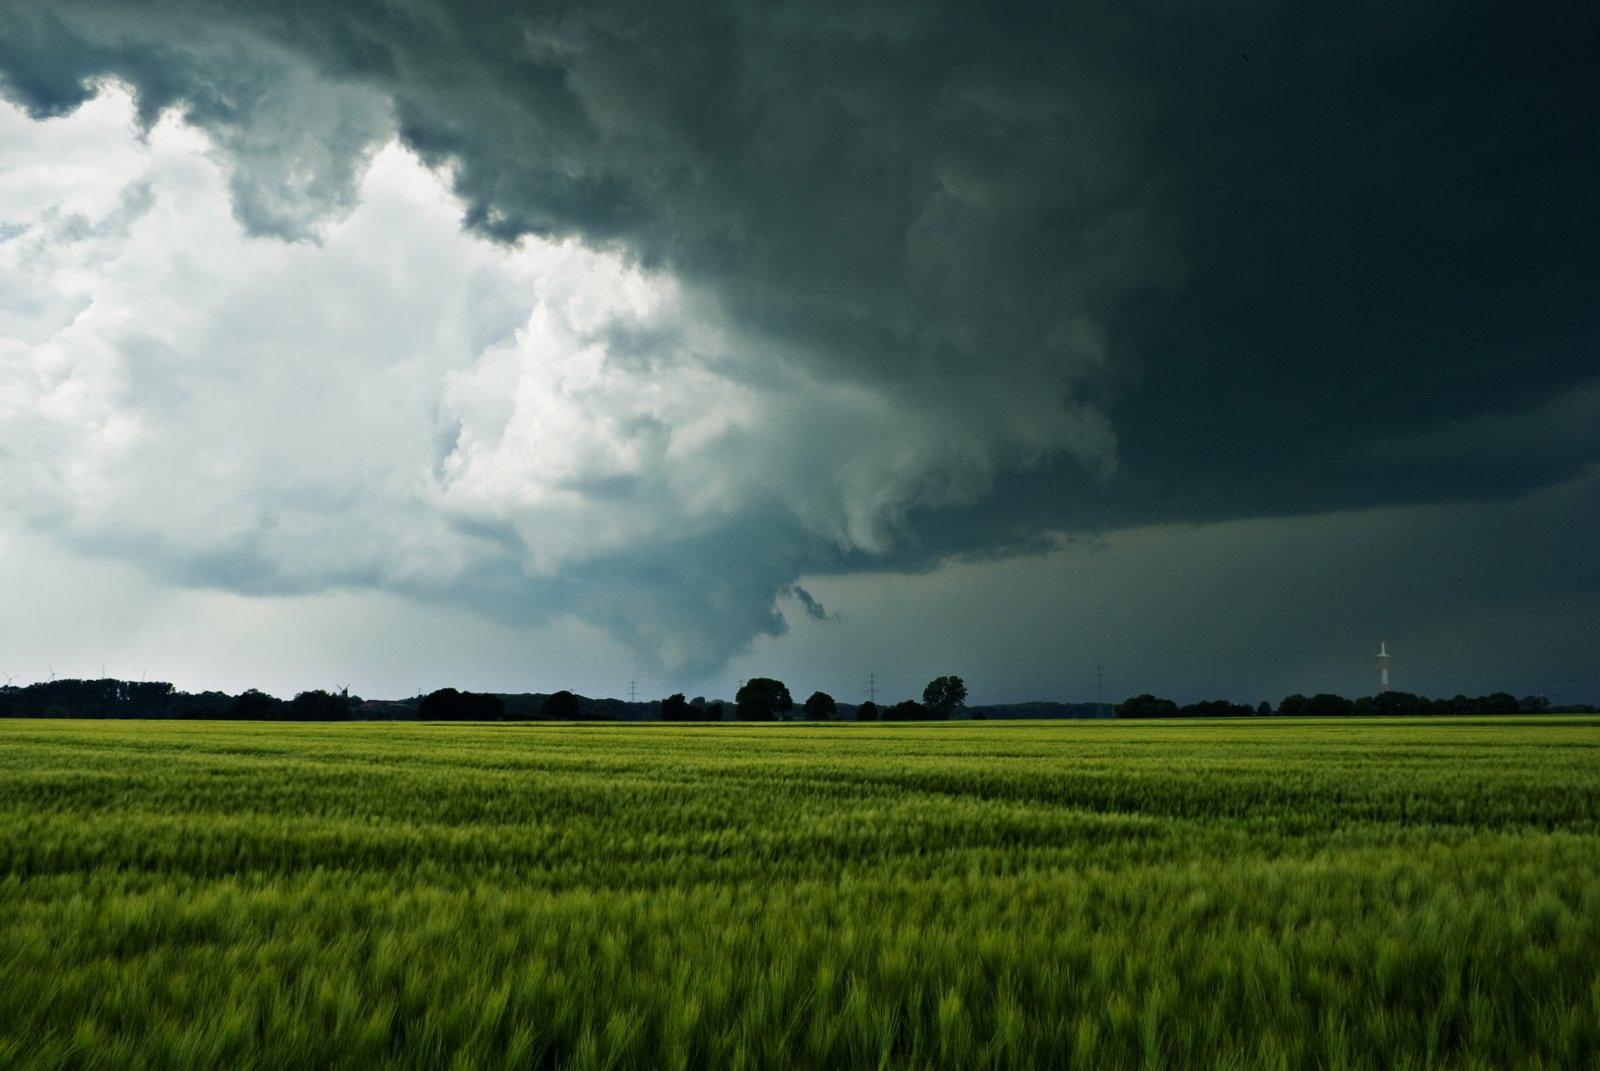 météo ostende 7 jours irm